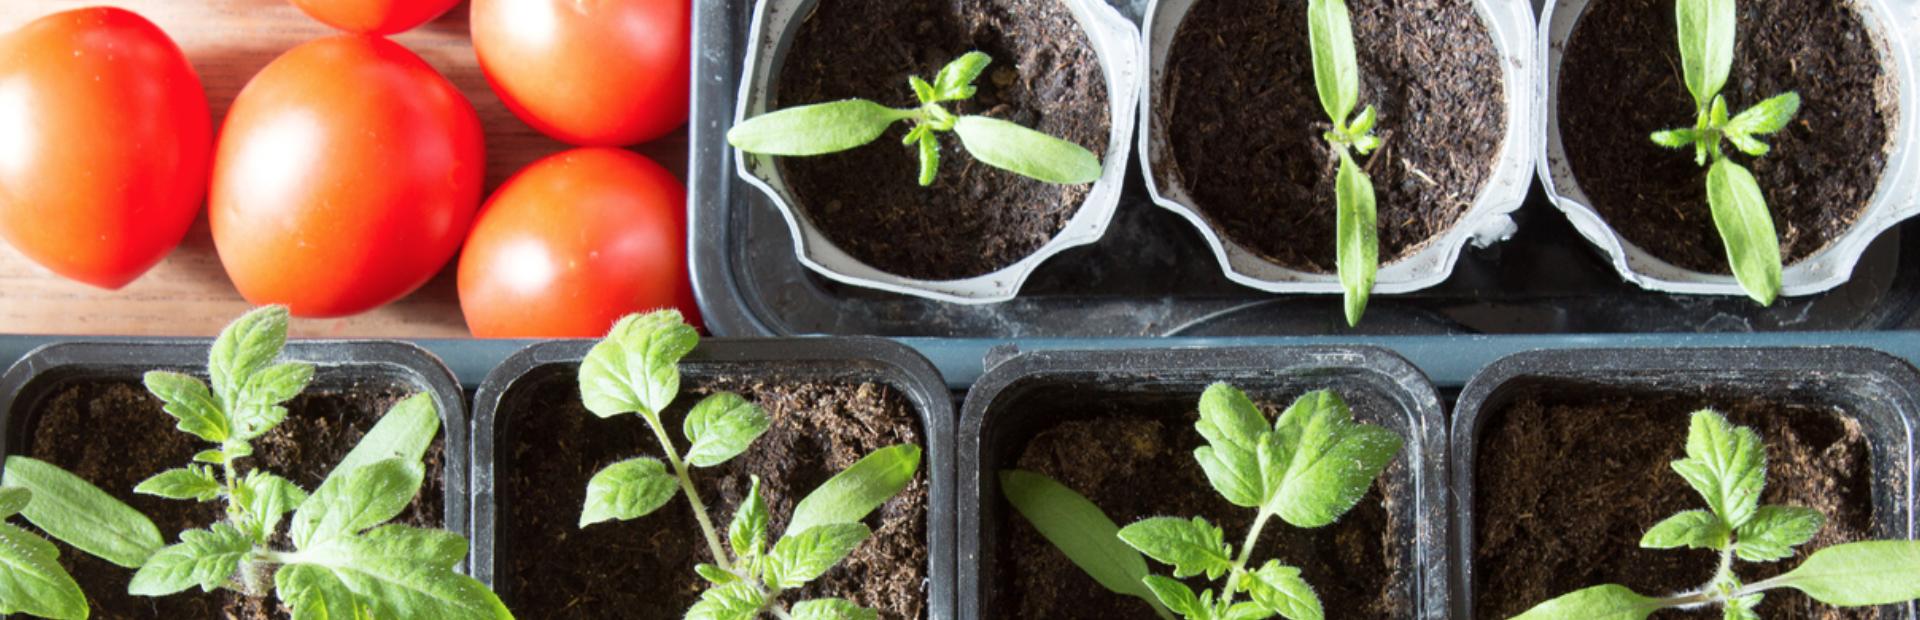 La maison est mon jardin: comment planter ses tomates sur son balcon?